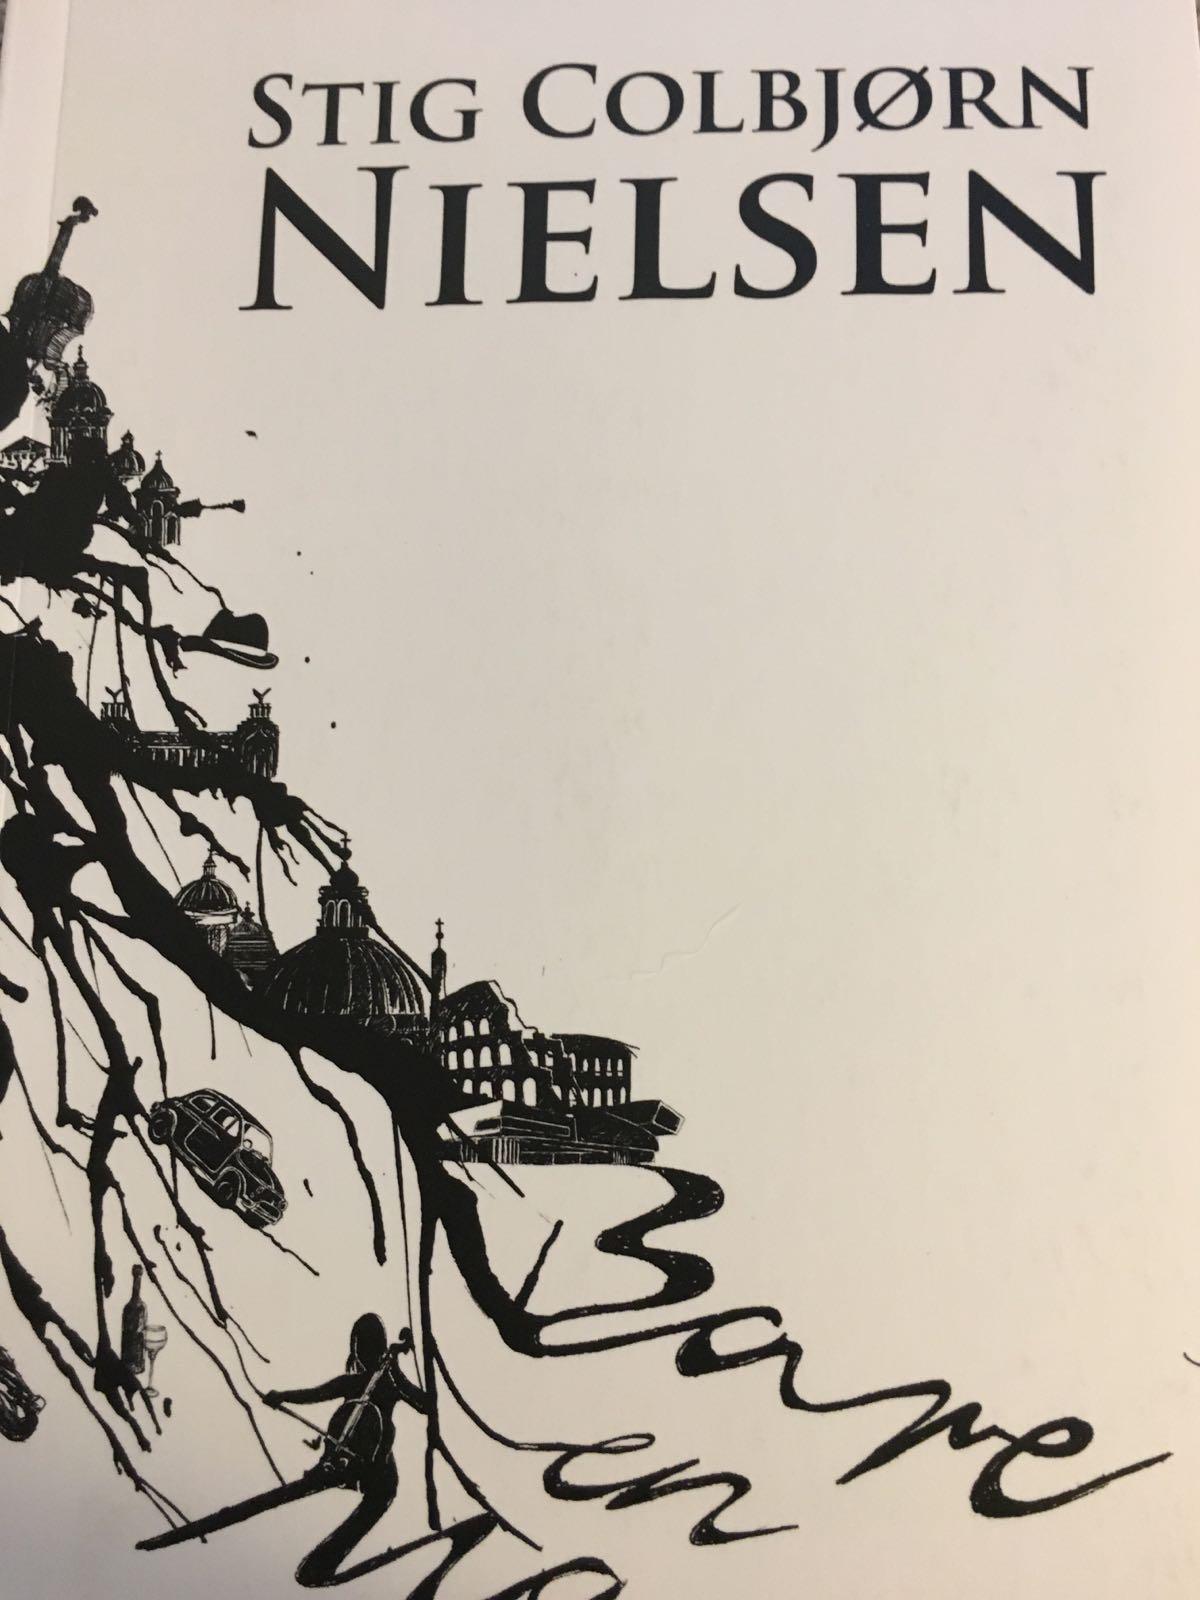 Bare en mand, sådan set af Stig Colbjørn Nielsen